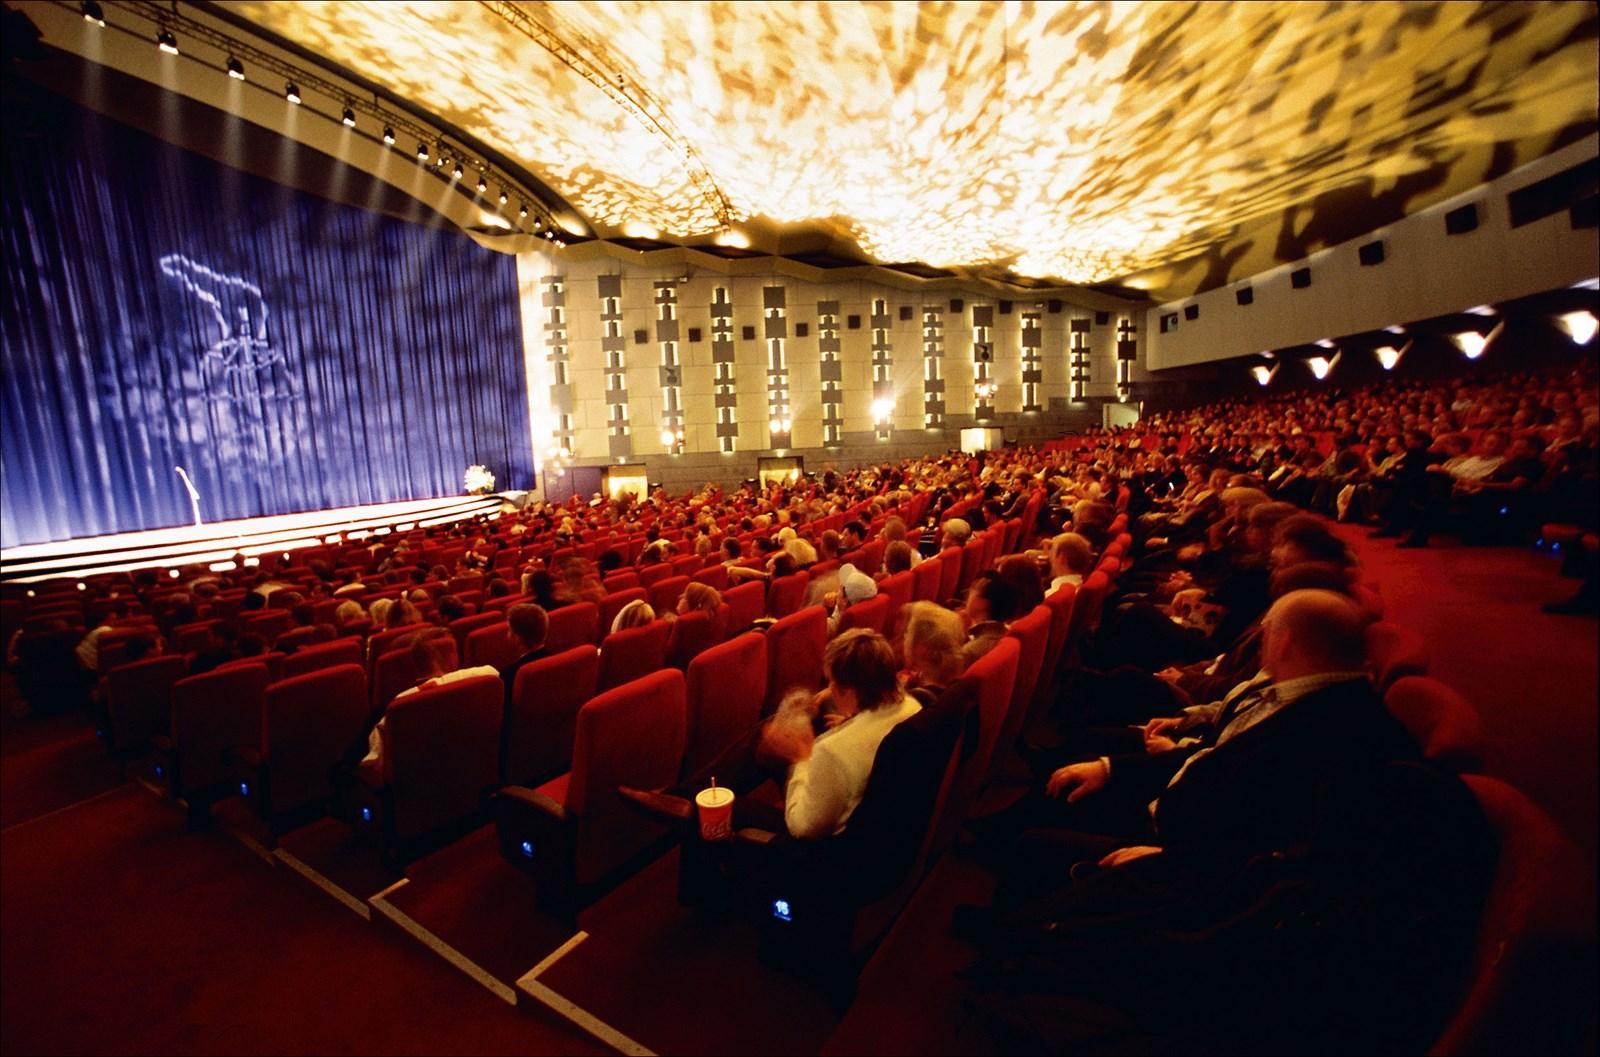 Nordisk Film biografer Århus C. edtube